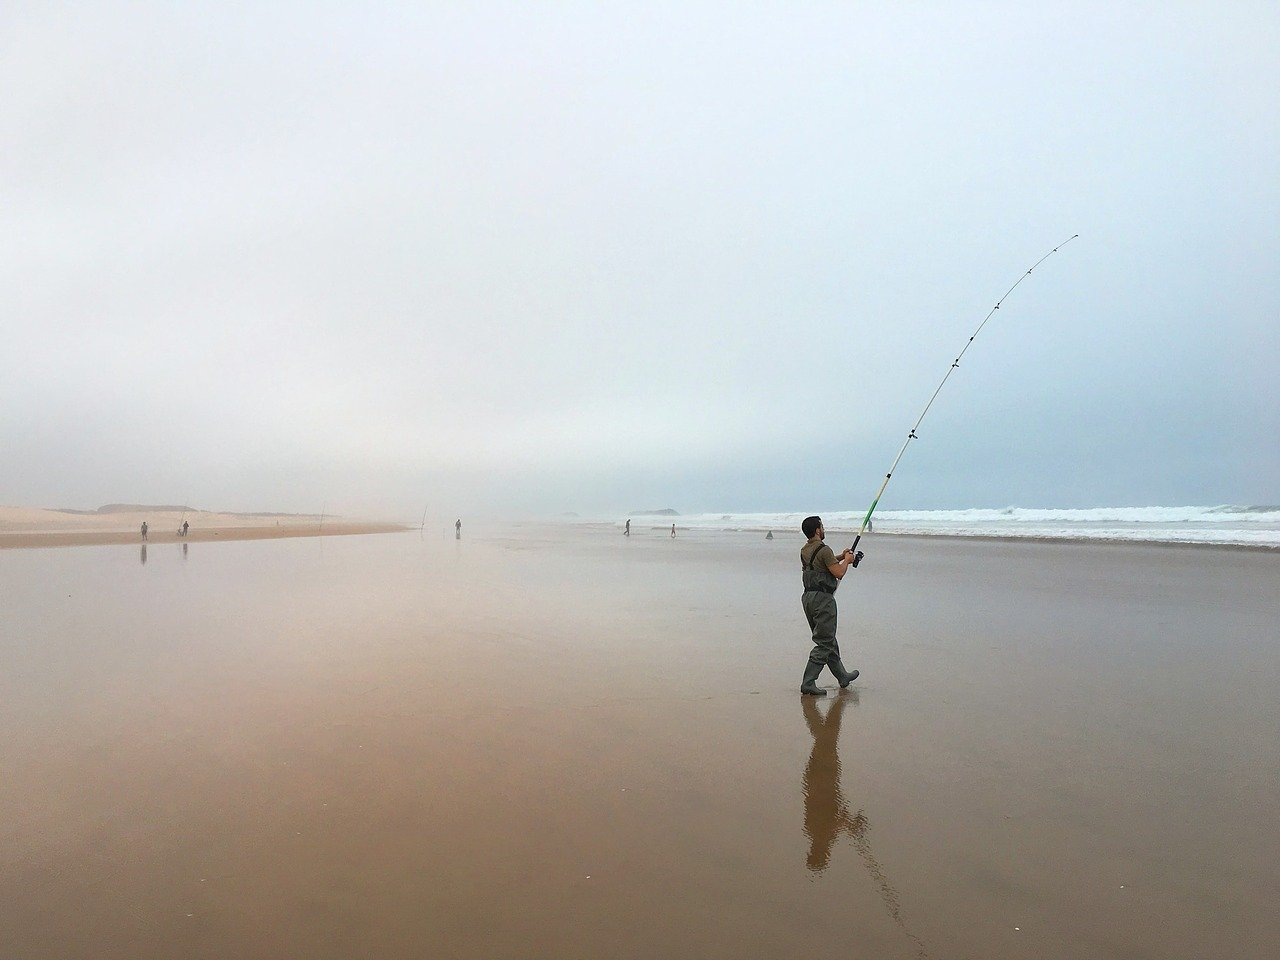 Pêche en surfcasting au Maroc